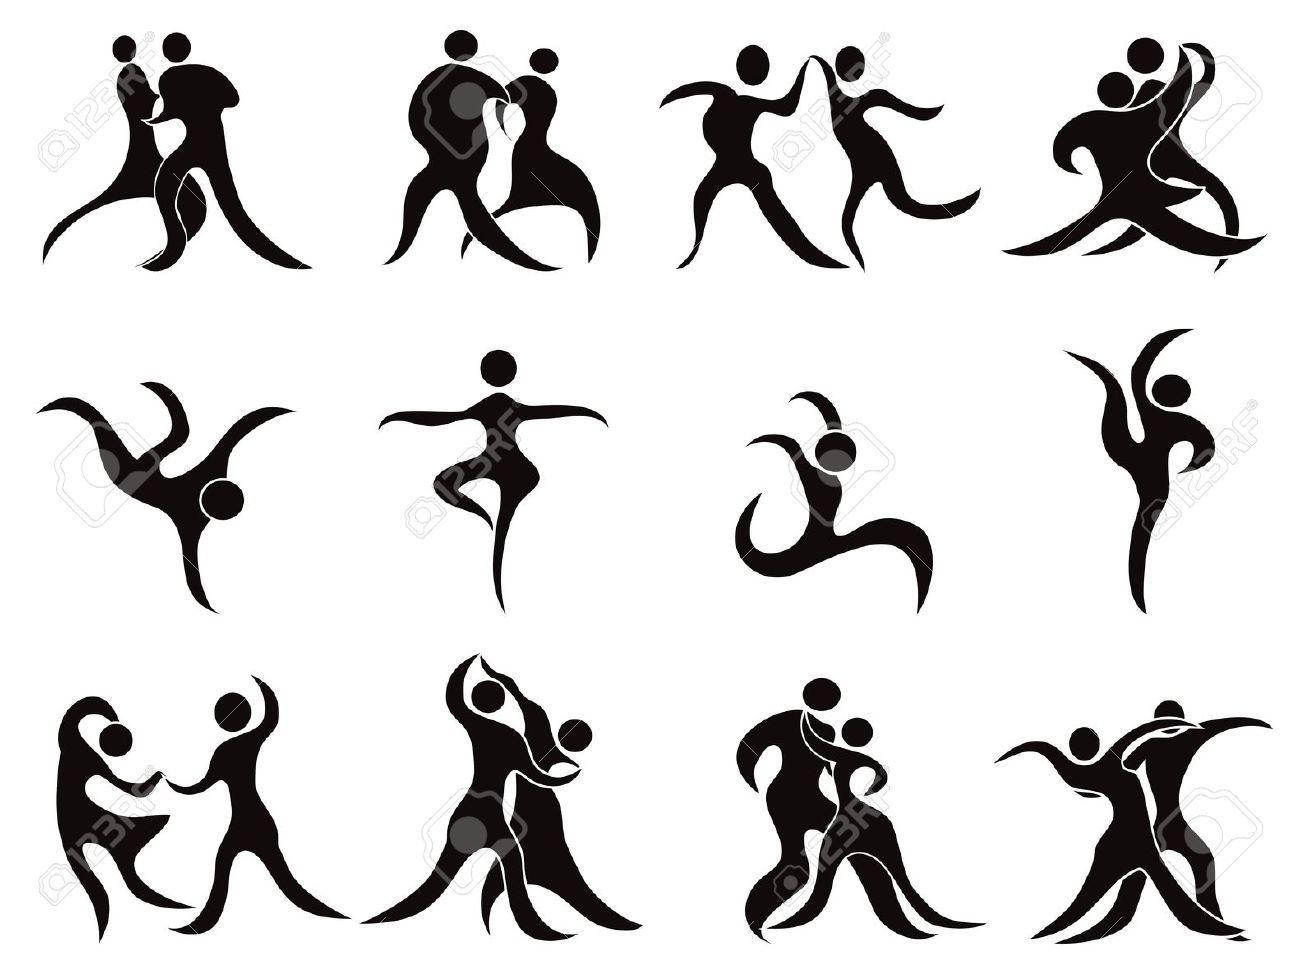 isolés abstraites silhouettes noires sur fond blanc danseurs | Draw ...